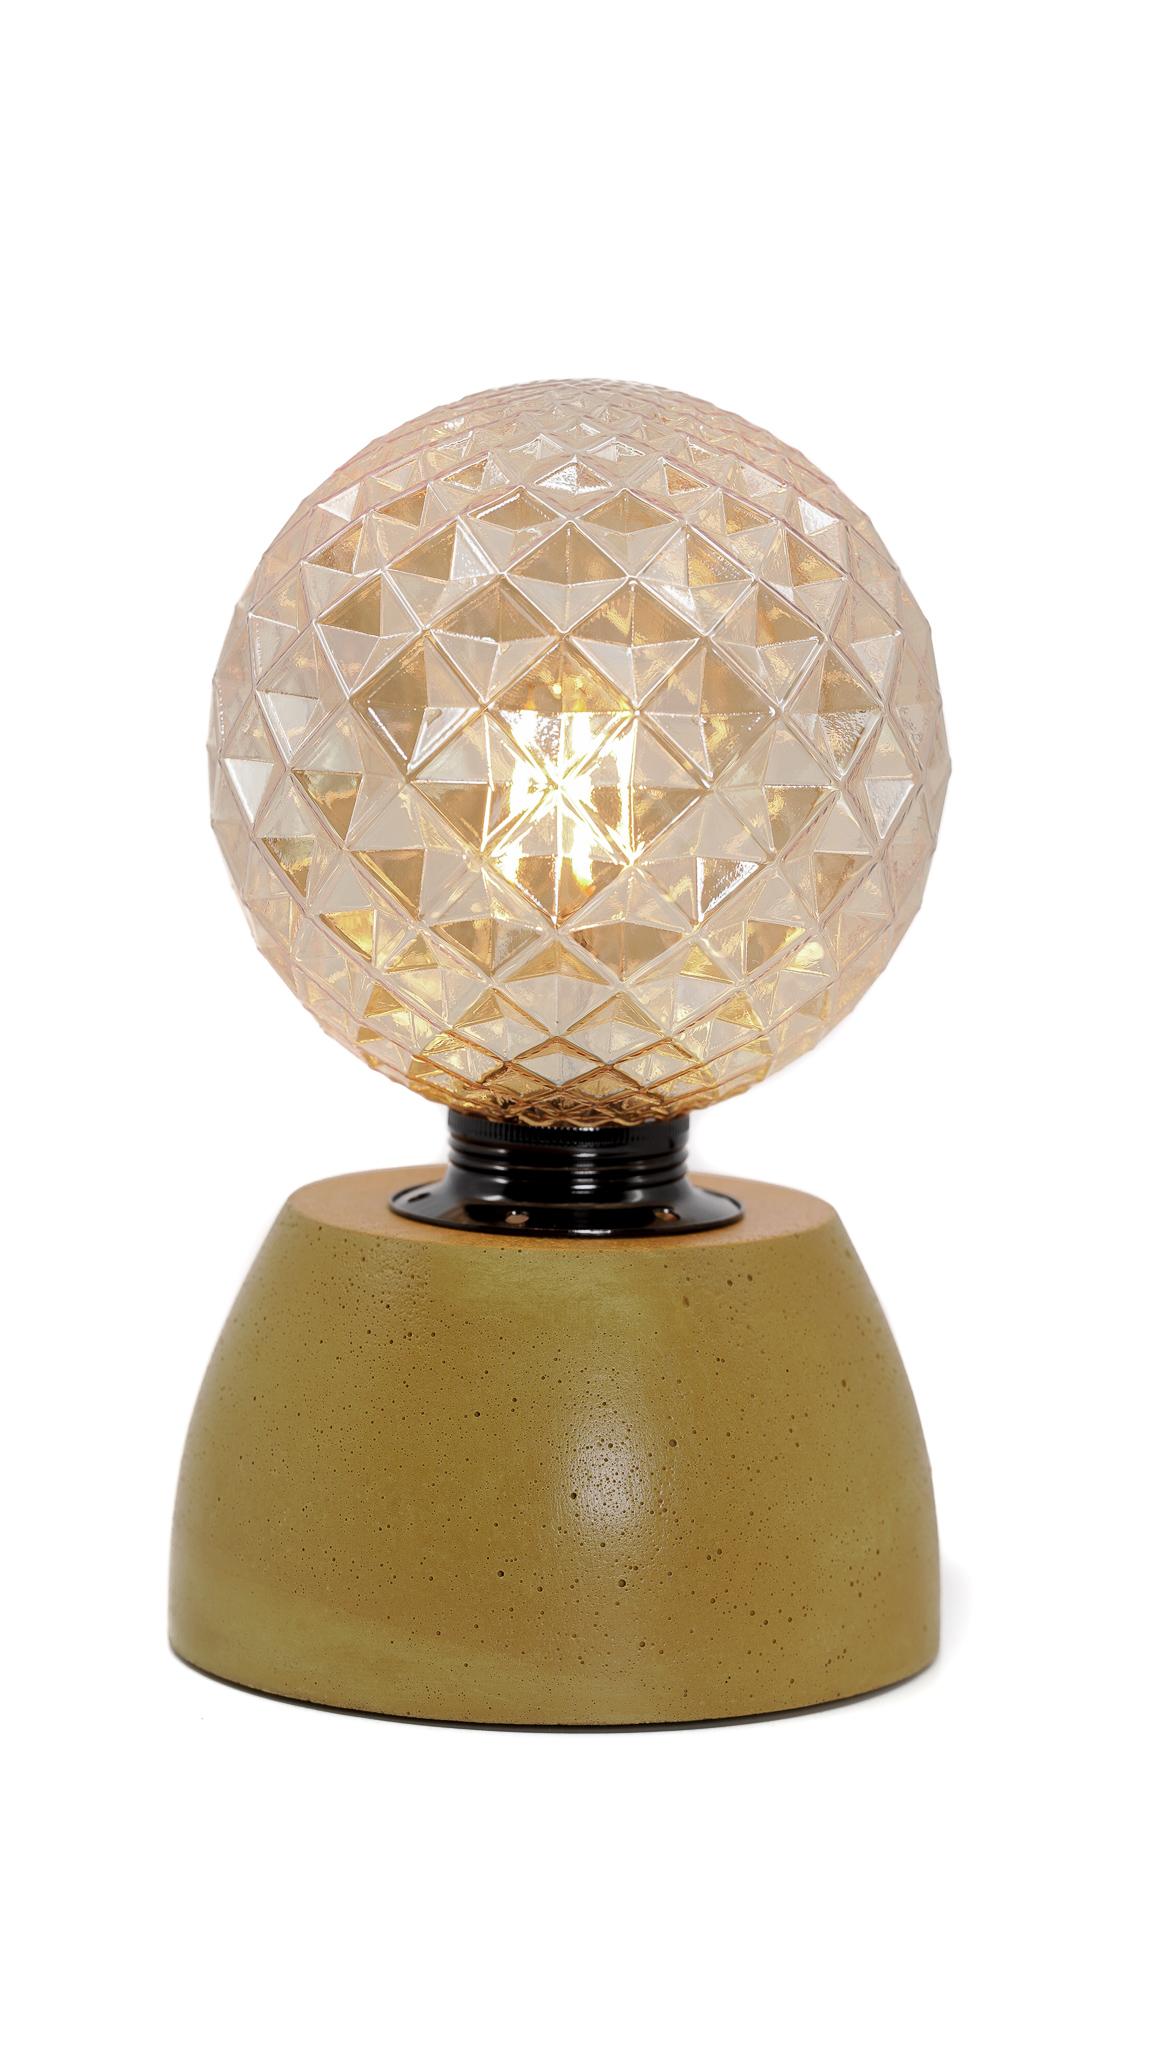 Lampe dôme diamant béton jaune fabrication artisanale